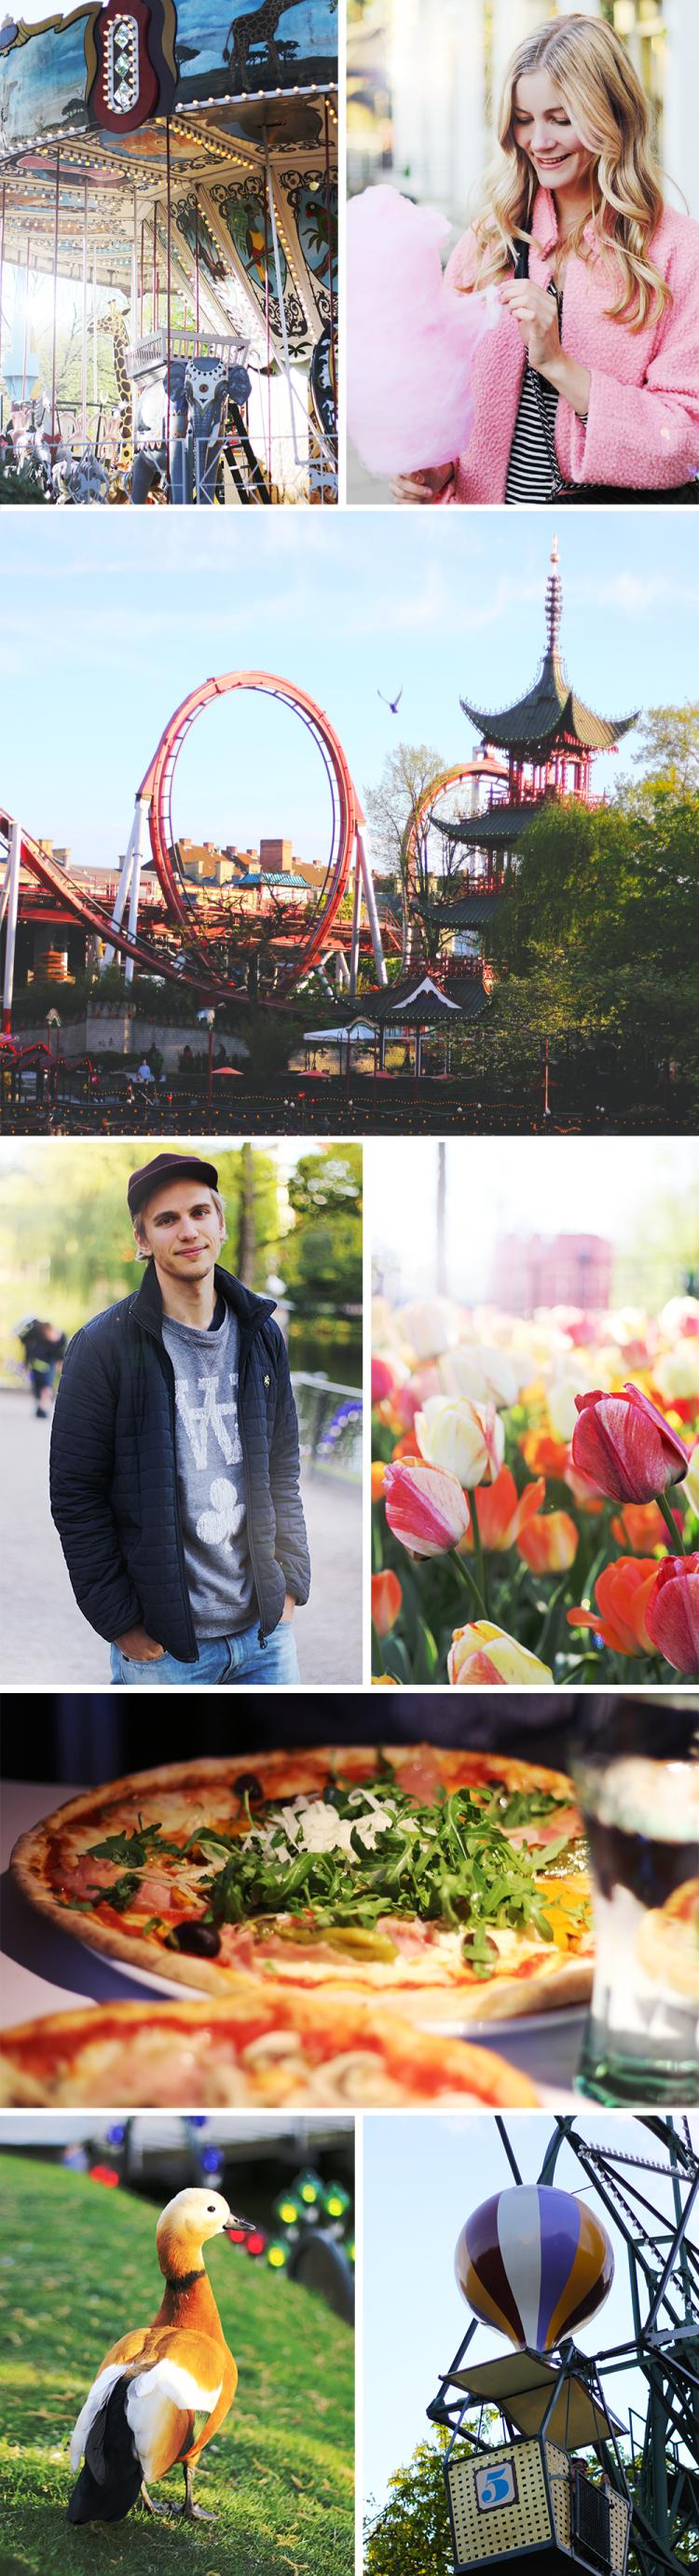 tivoli københavn turist modeblog fashionblog blogger forår springtime spring